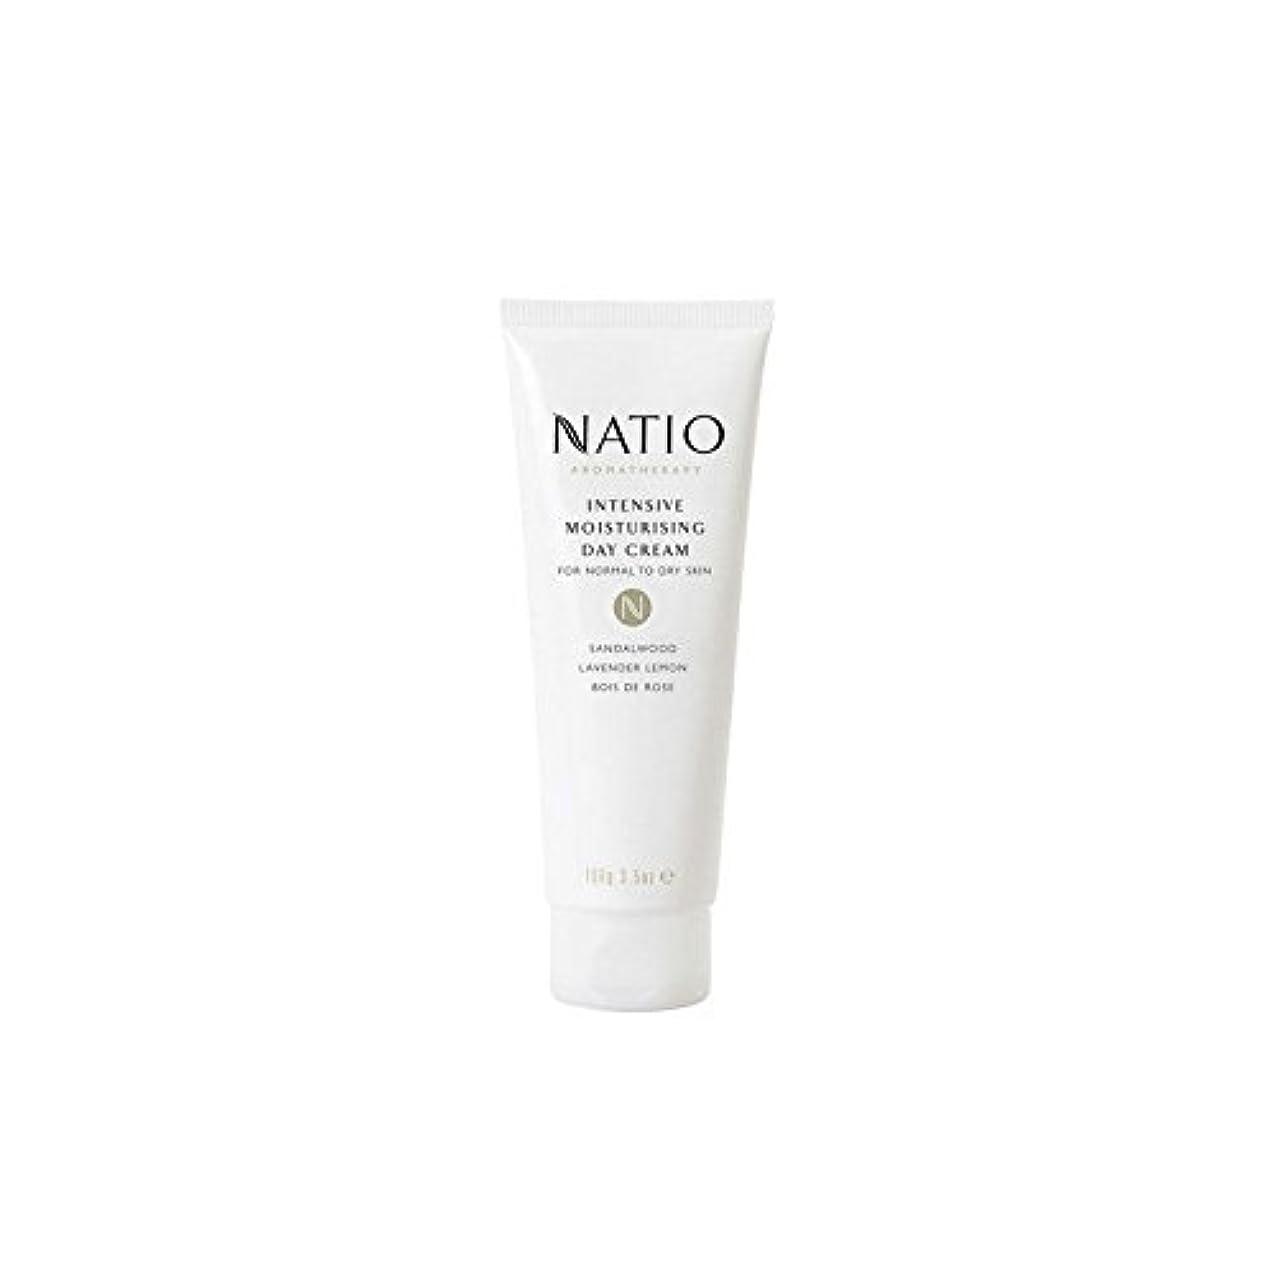 深めるいいね教えて集中的な保湿デイクリーム(100グラム) x2 - Natio Intensive Moisturising Day Cream (100G) (Pack of 2) [並行輸入品]